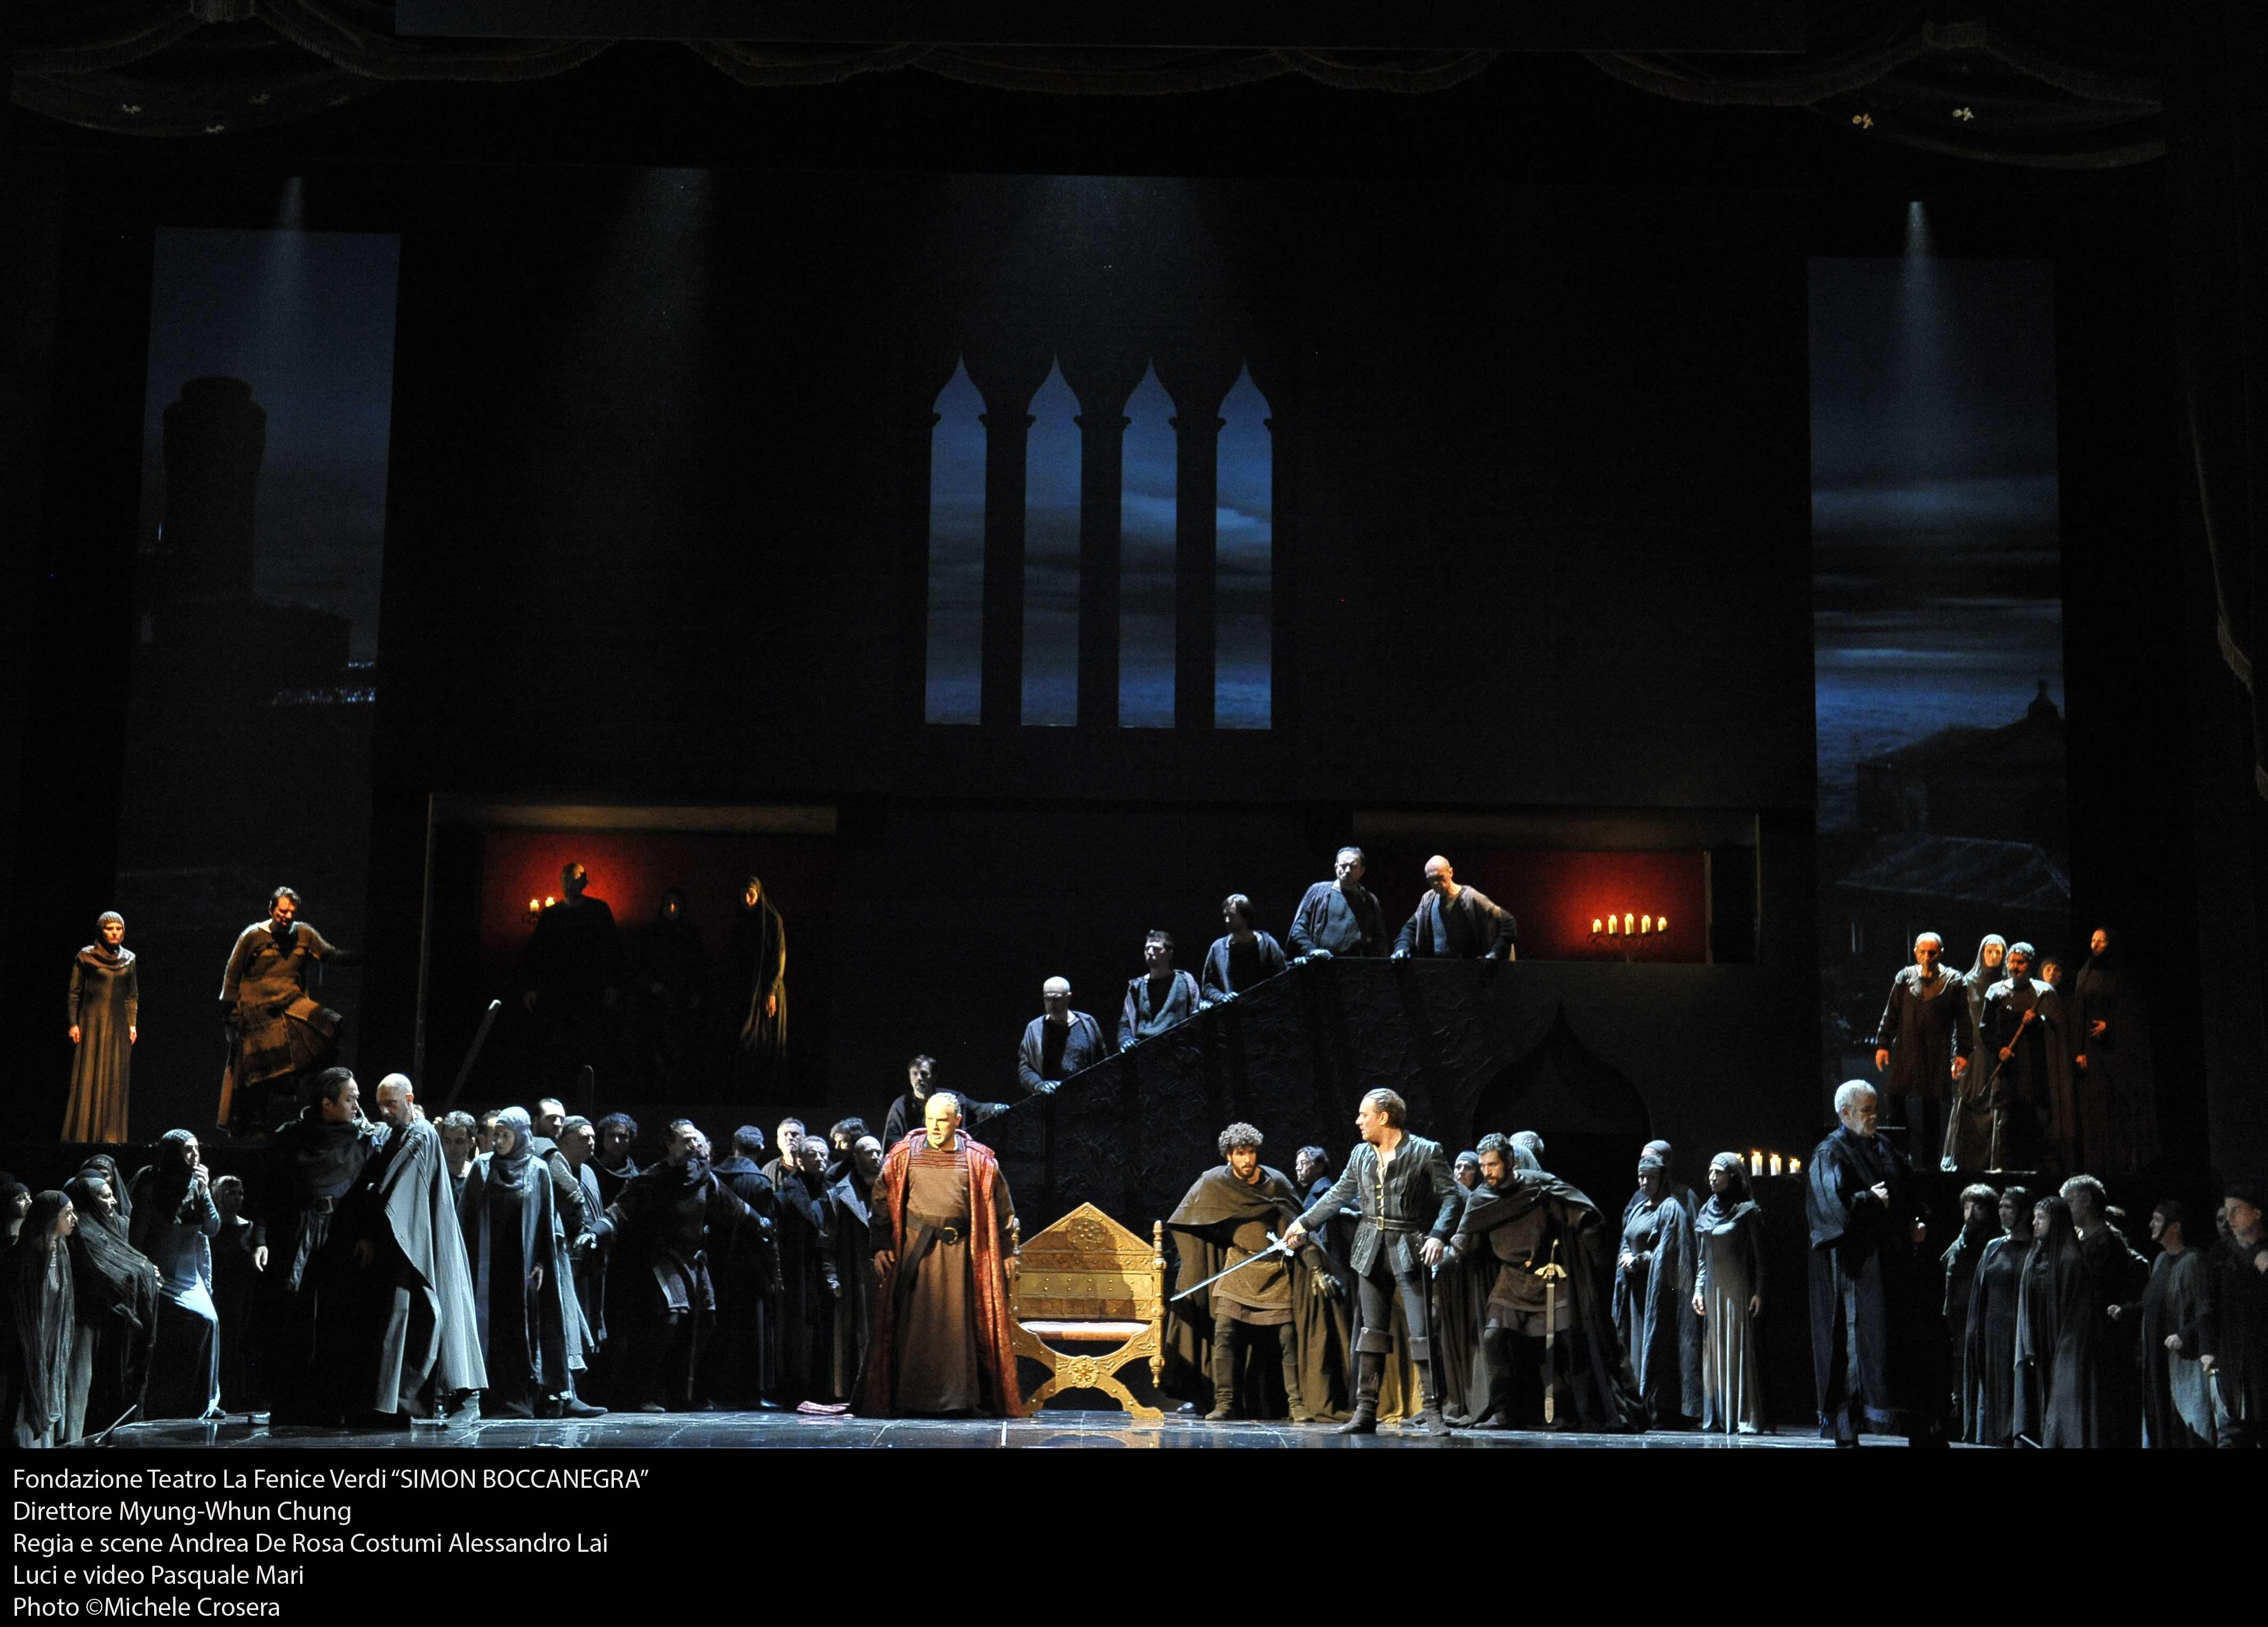 Venezia - Teatro La Fenice: Simon Boccanegra